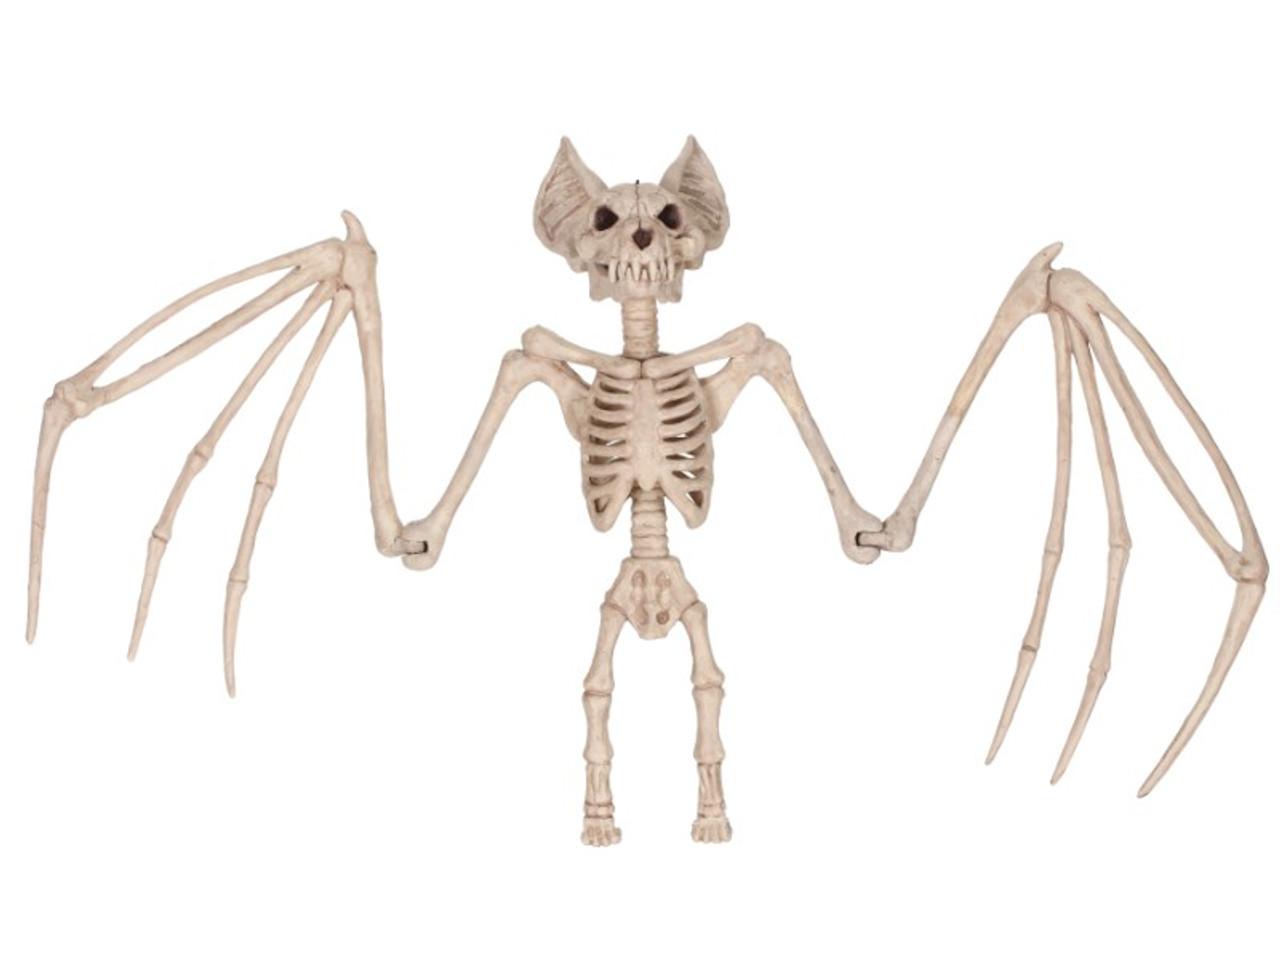 Bat wing skeleton - photo#34